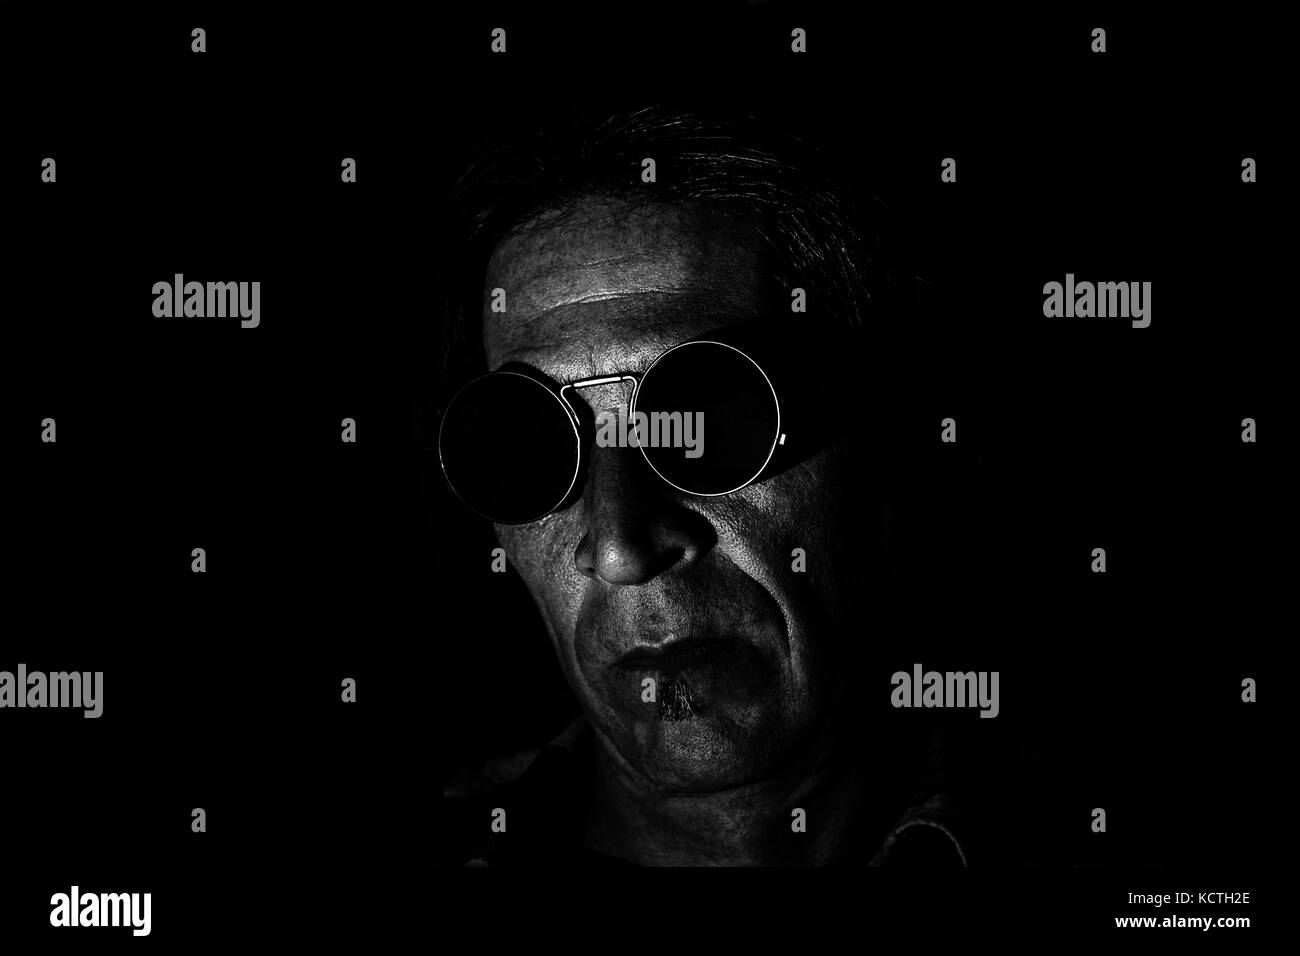 63409dc6af Una baja iluminación clave retrato de un hombre en depresión o pensamiento  profundo. gafas de sol compensó la parecen ser bastante profundo y ominoso.